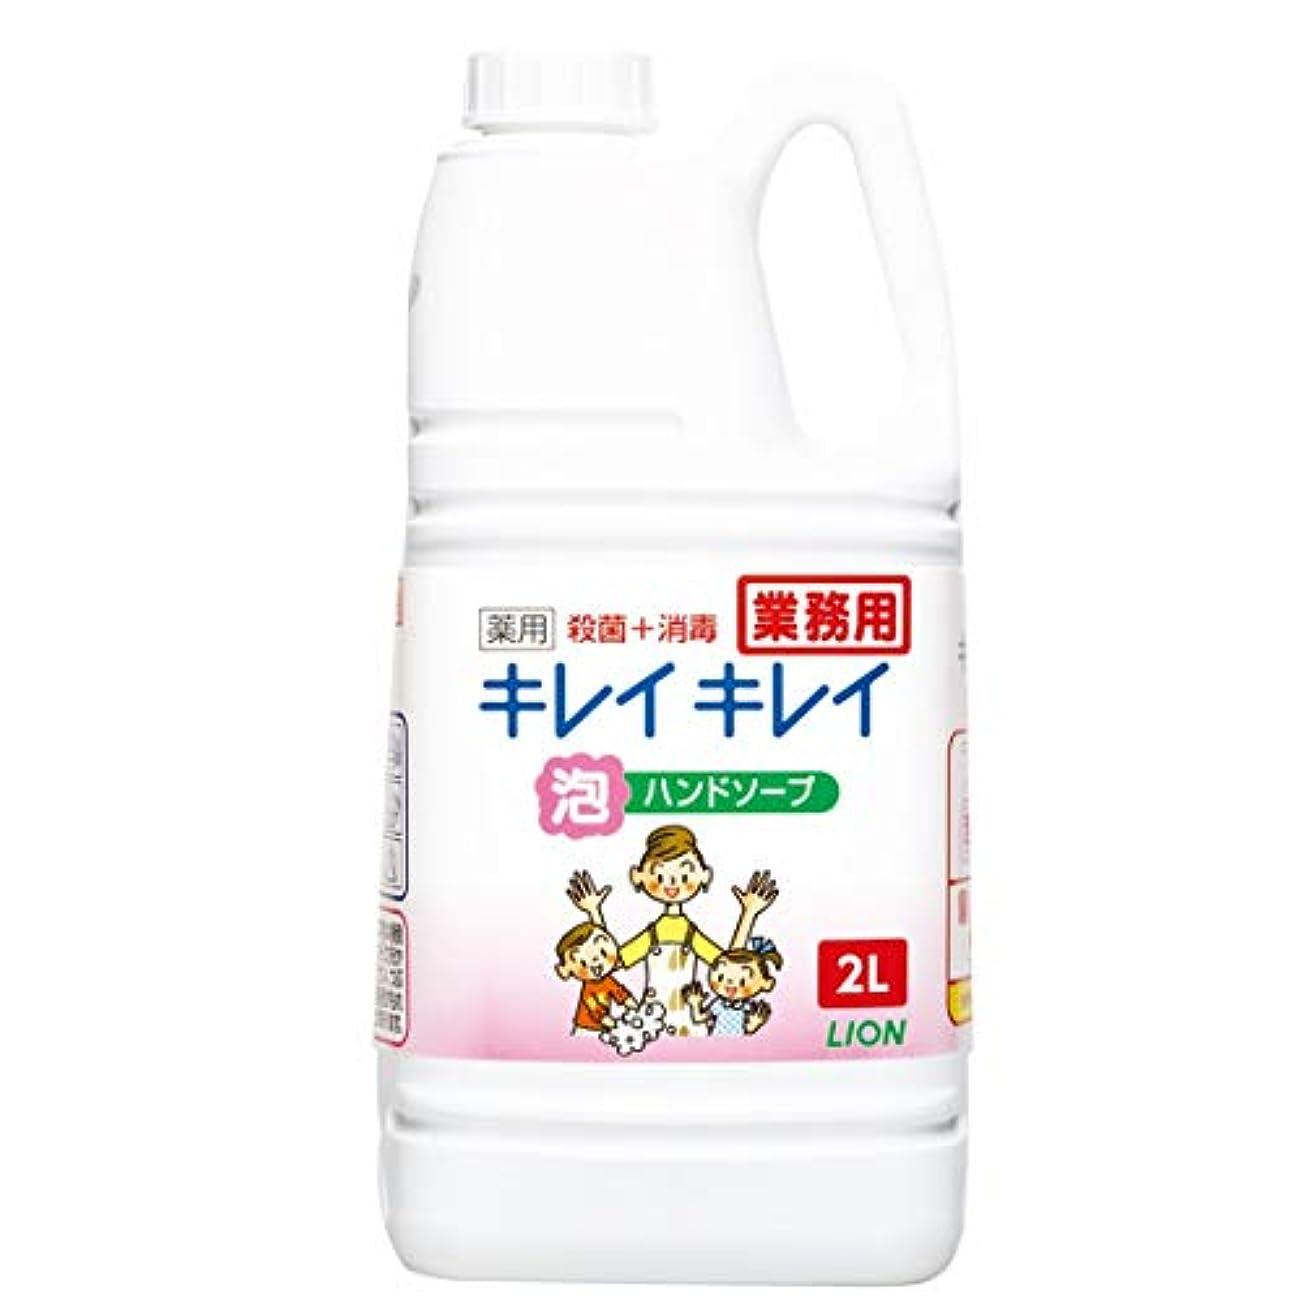 【業務用 大容量】キレイキレイ 薬用 泡ハンドソープ シトラスフルーティの香り 2L(医薬部外品)